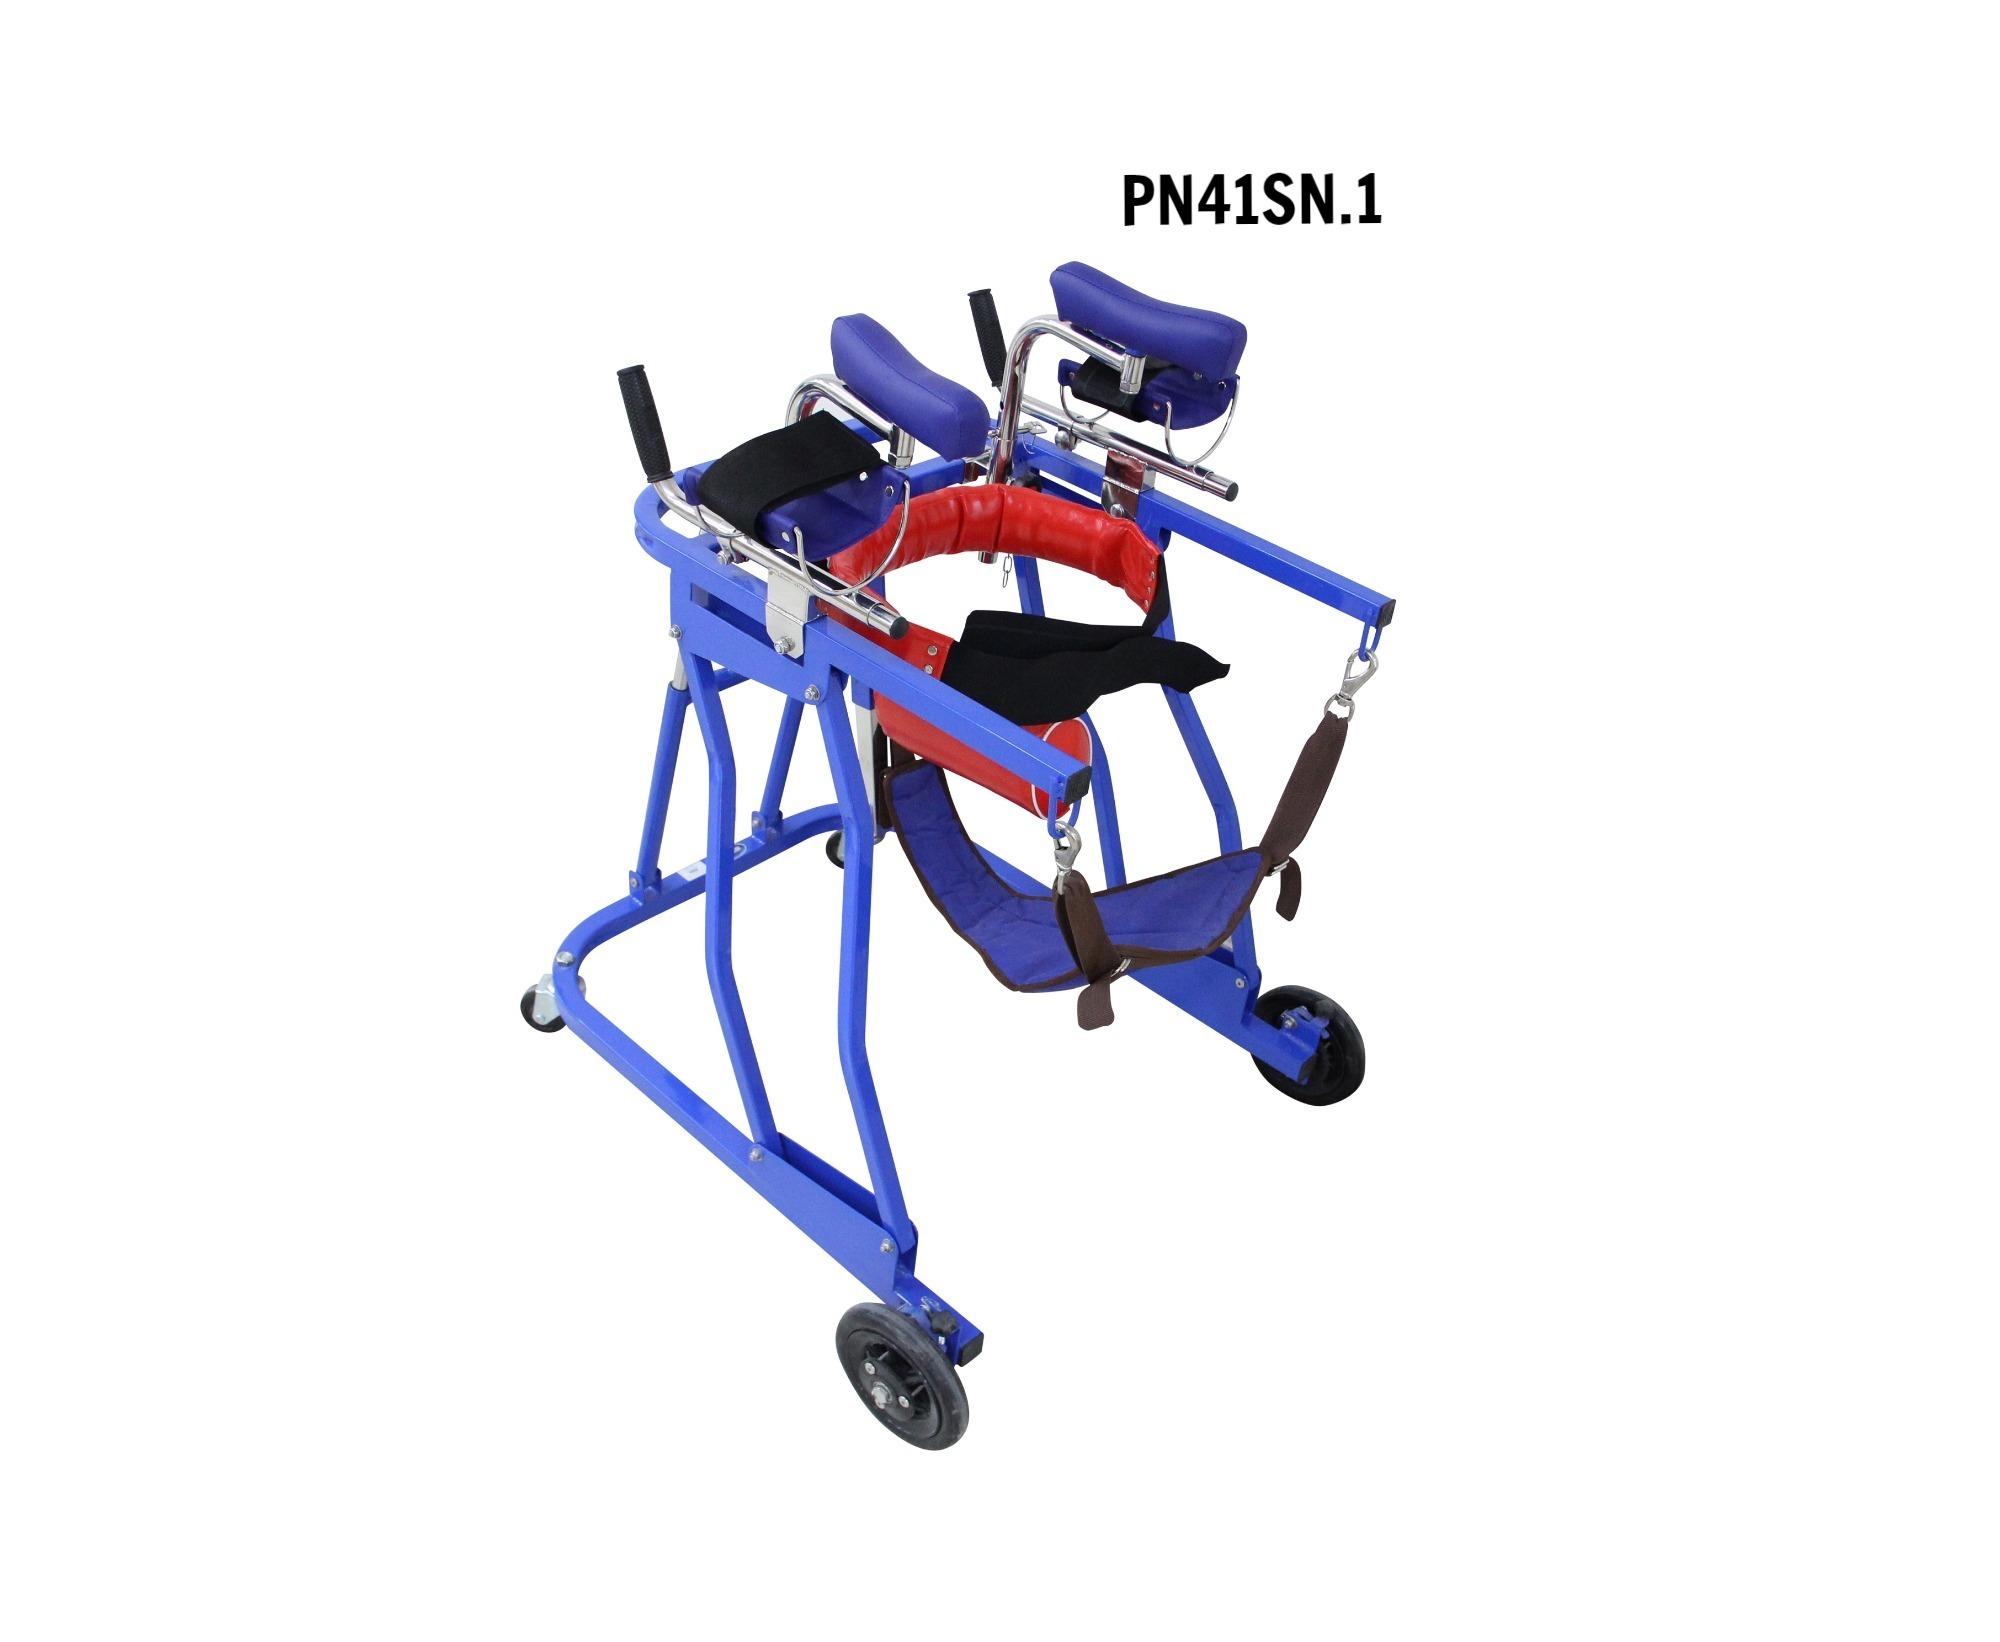 PN41SN.1 Khung tập đi tựa khuỷu -nách nhỏ M1 (sắt ,gù + đai )